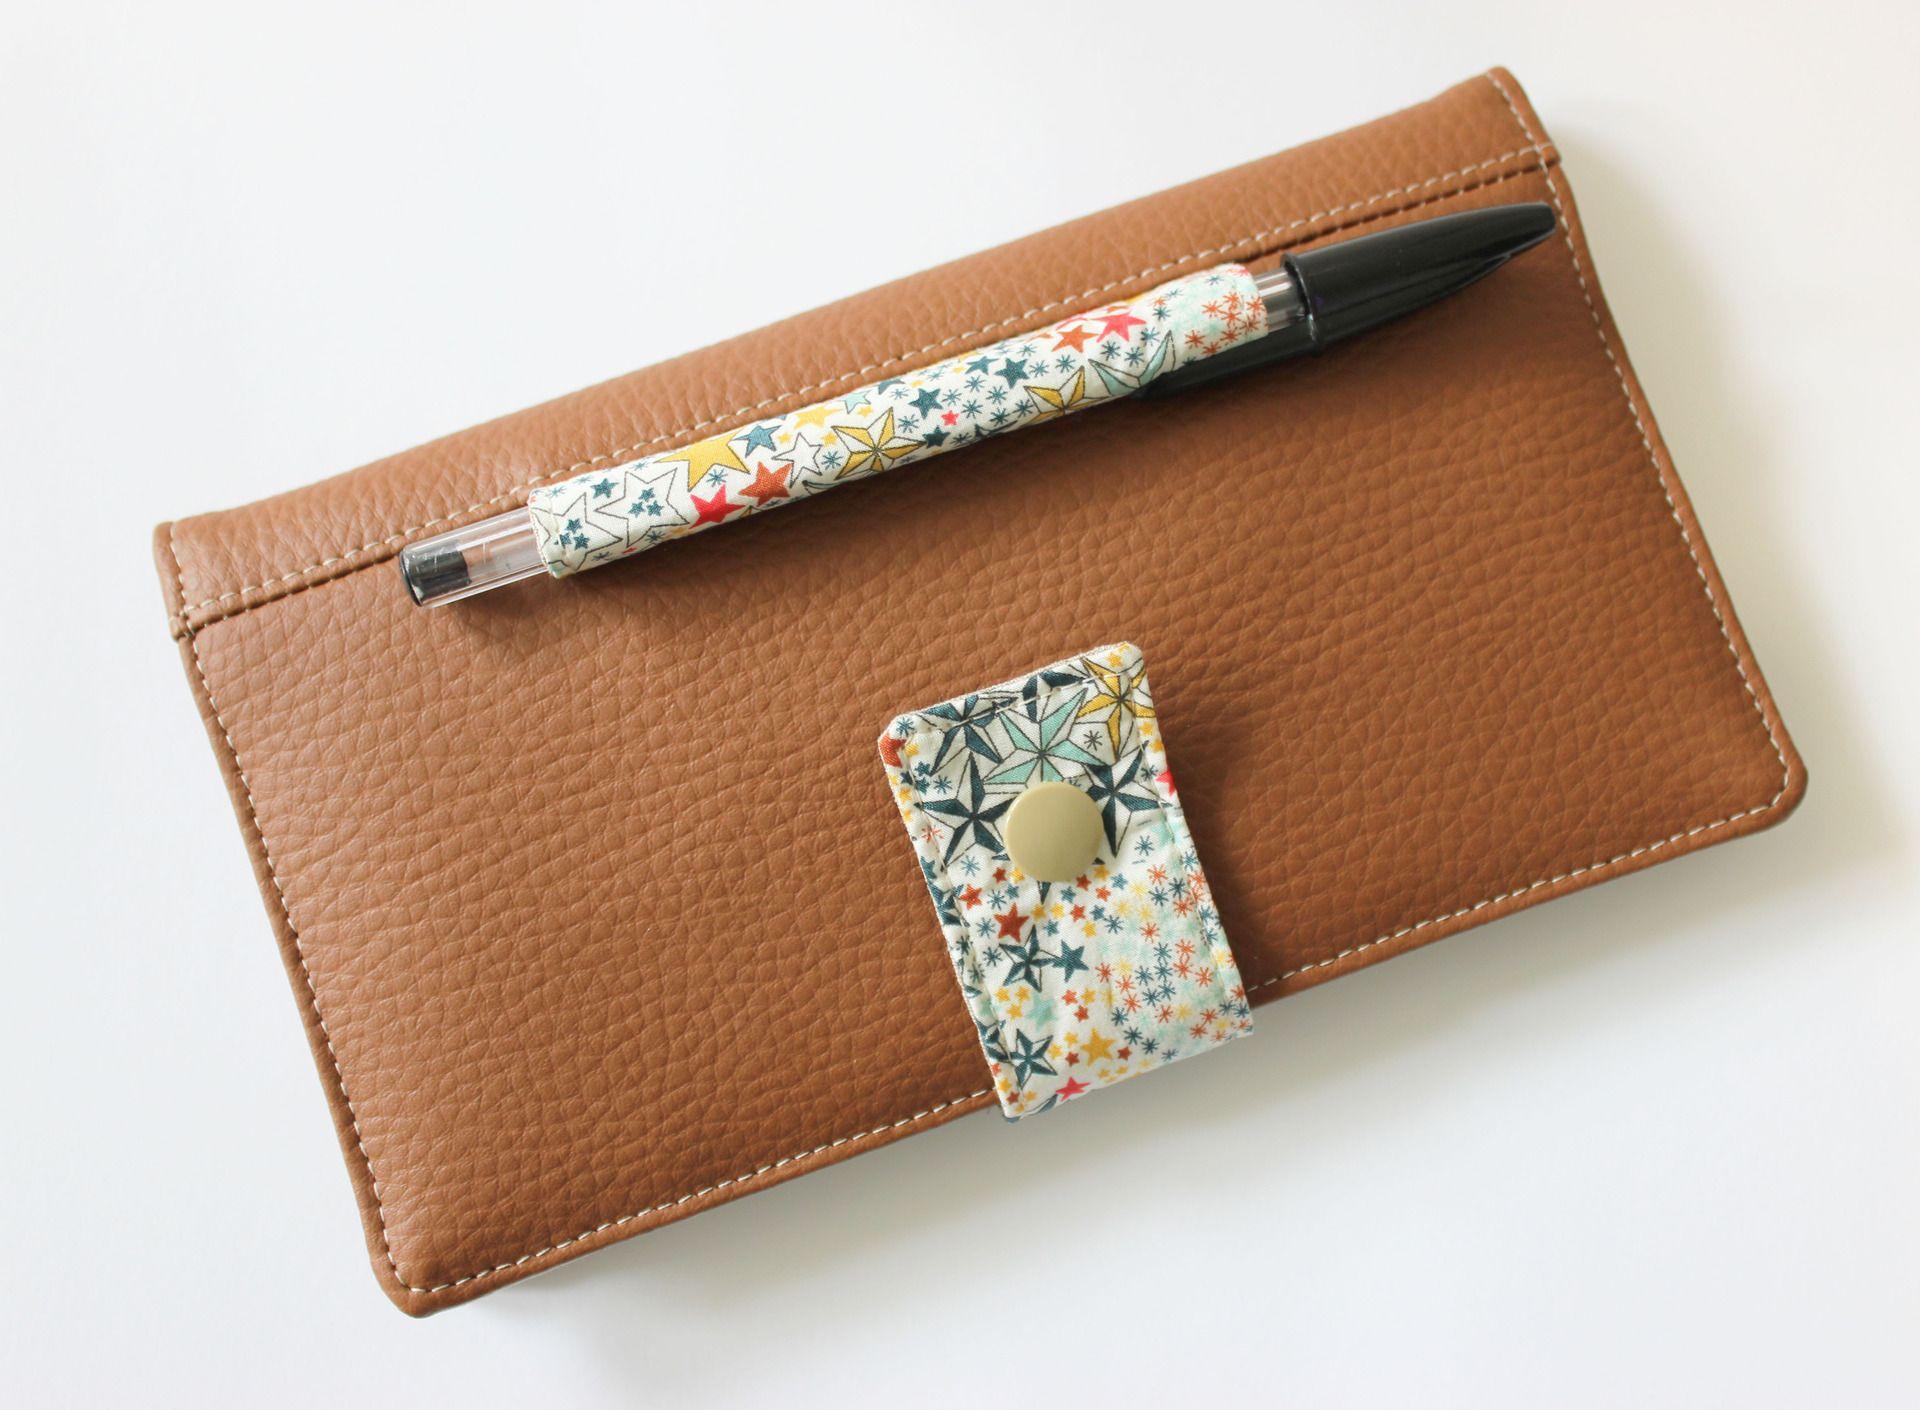 Porte ch quier format portefeuille avec son emplacement crayon int gr simili marron et liberty - Bas avec porte jarretelle integre ...